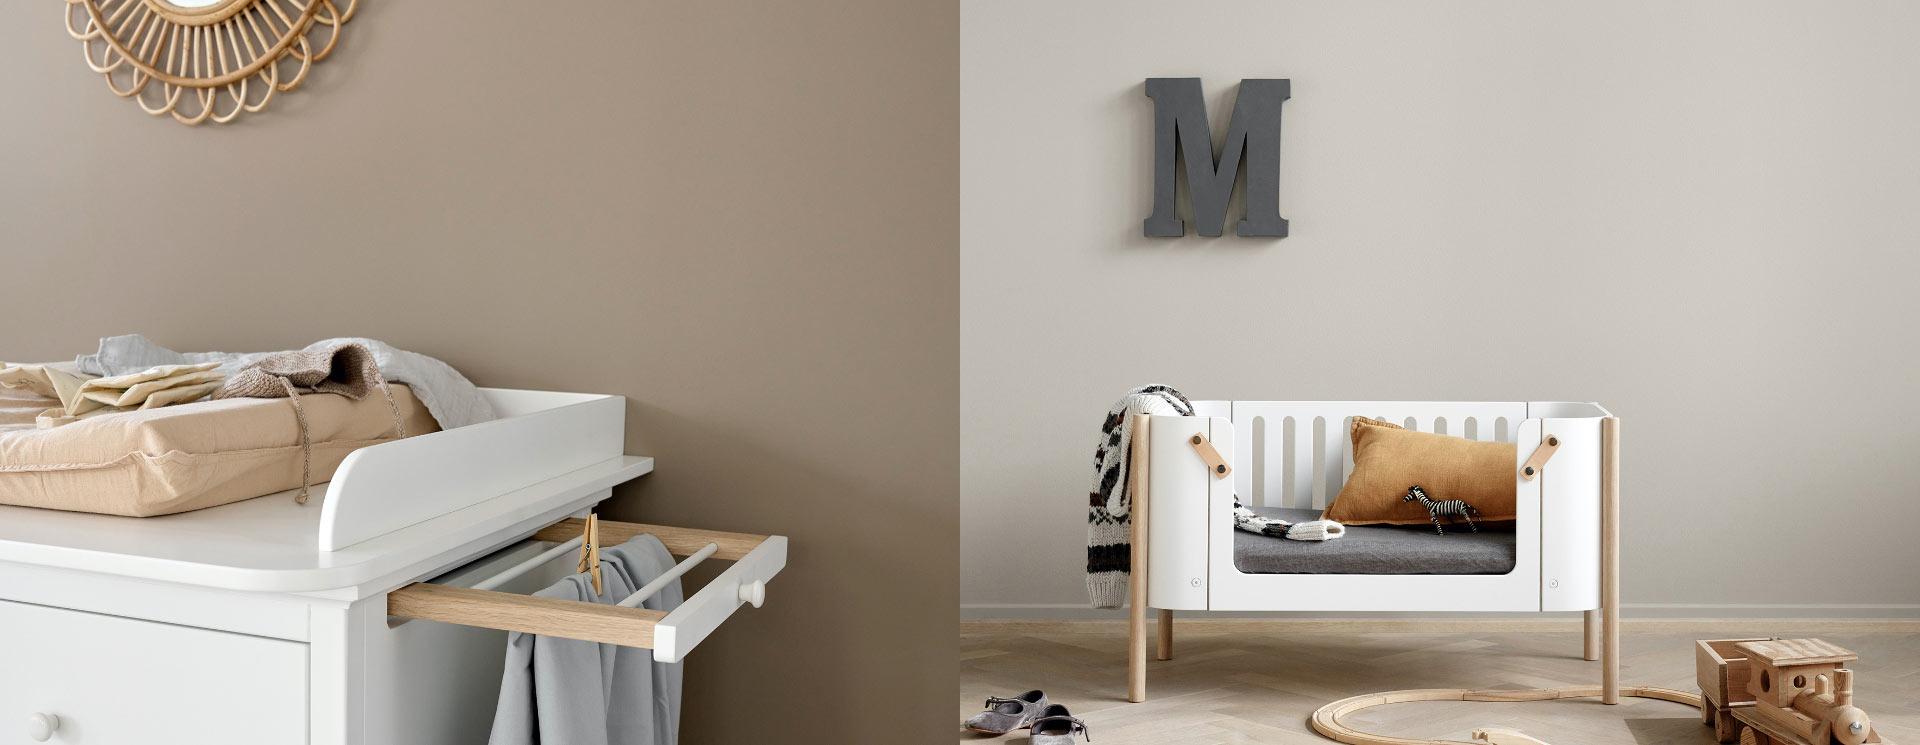 Oliver Furniture